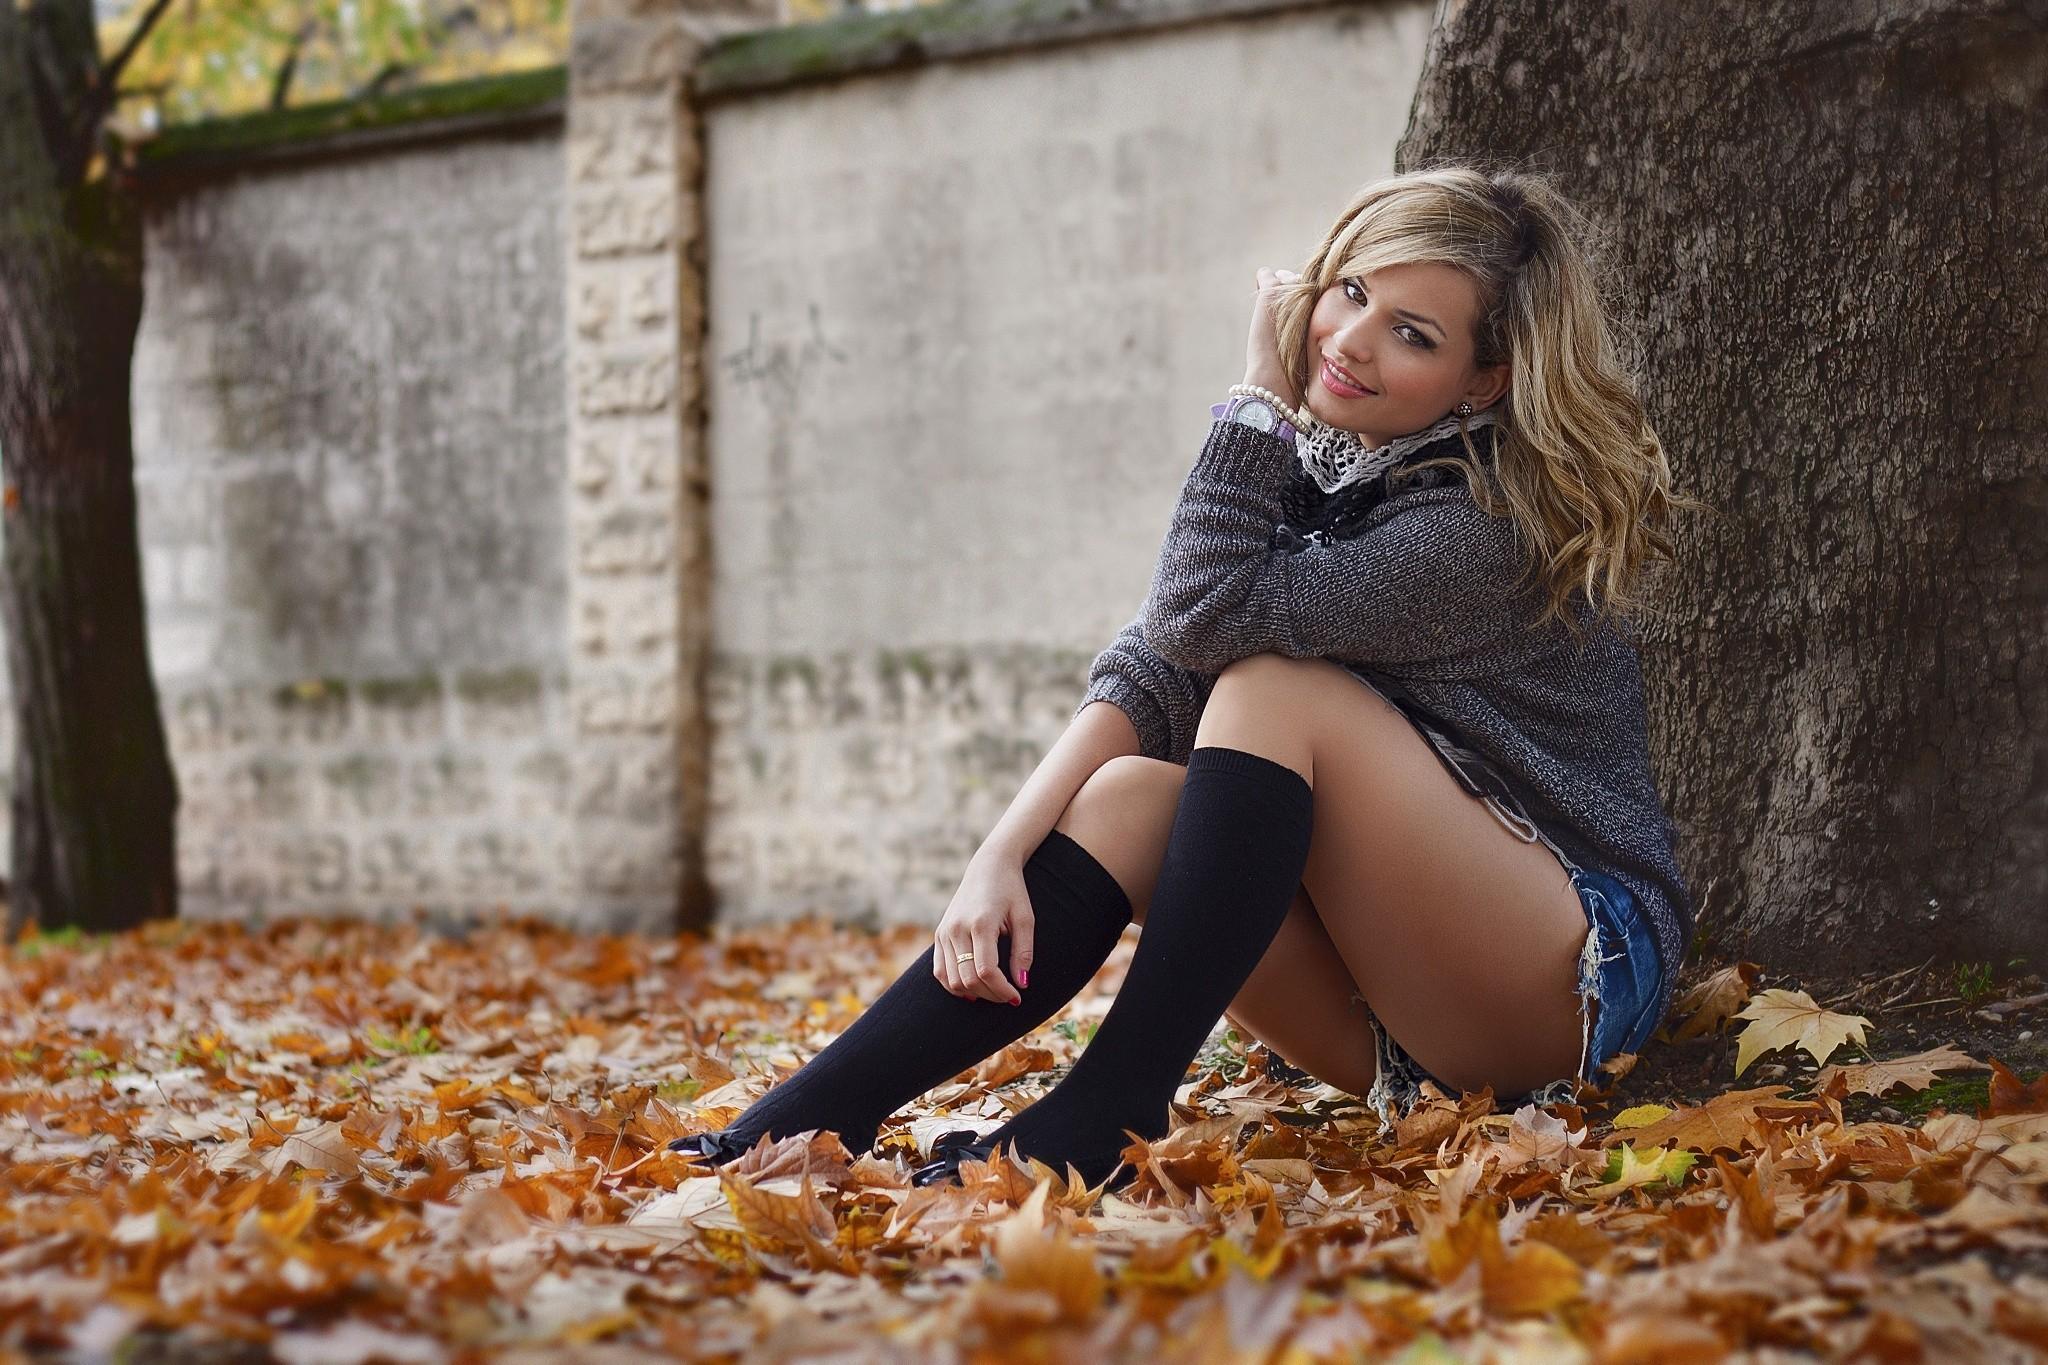 Hintergrundbilder : Sonnenlicht, fallen, Blätter, Frauen im